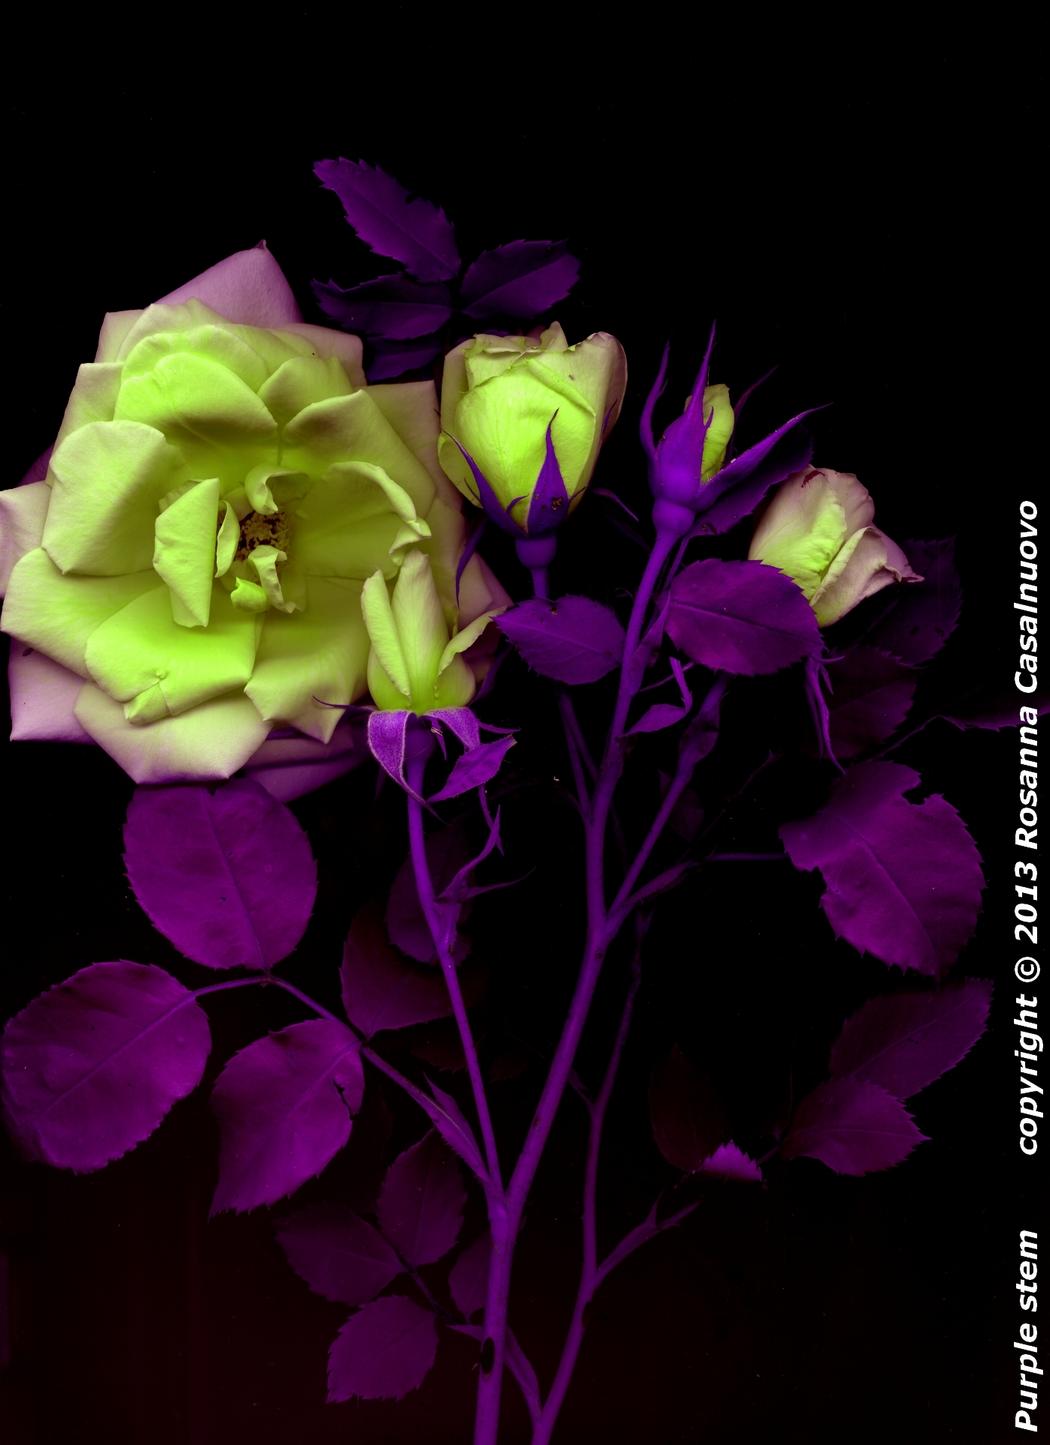 scannografia rose manipolazione colori